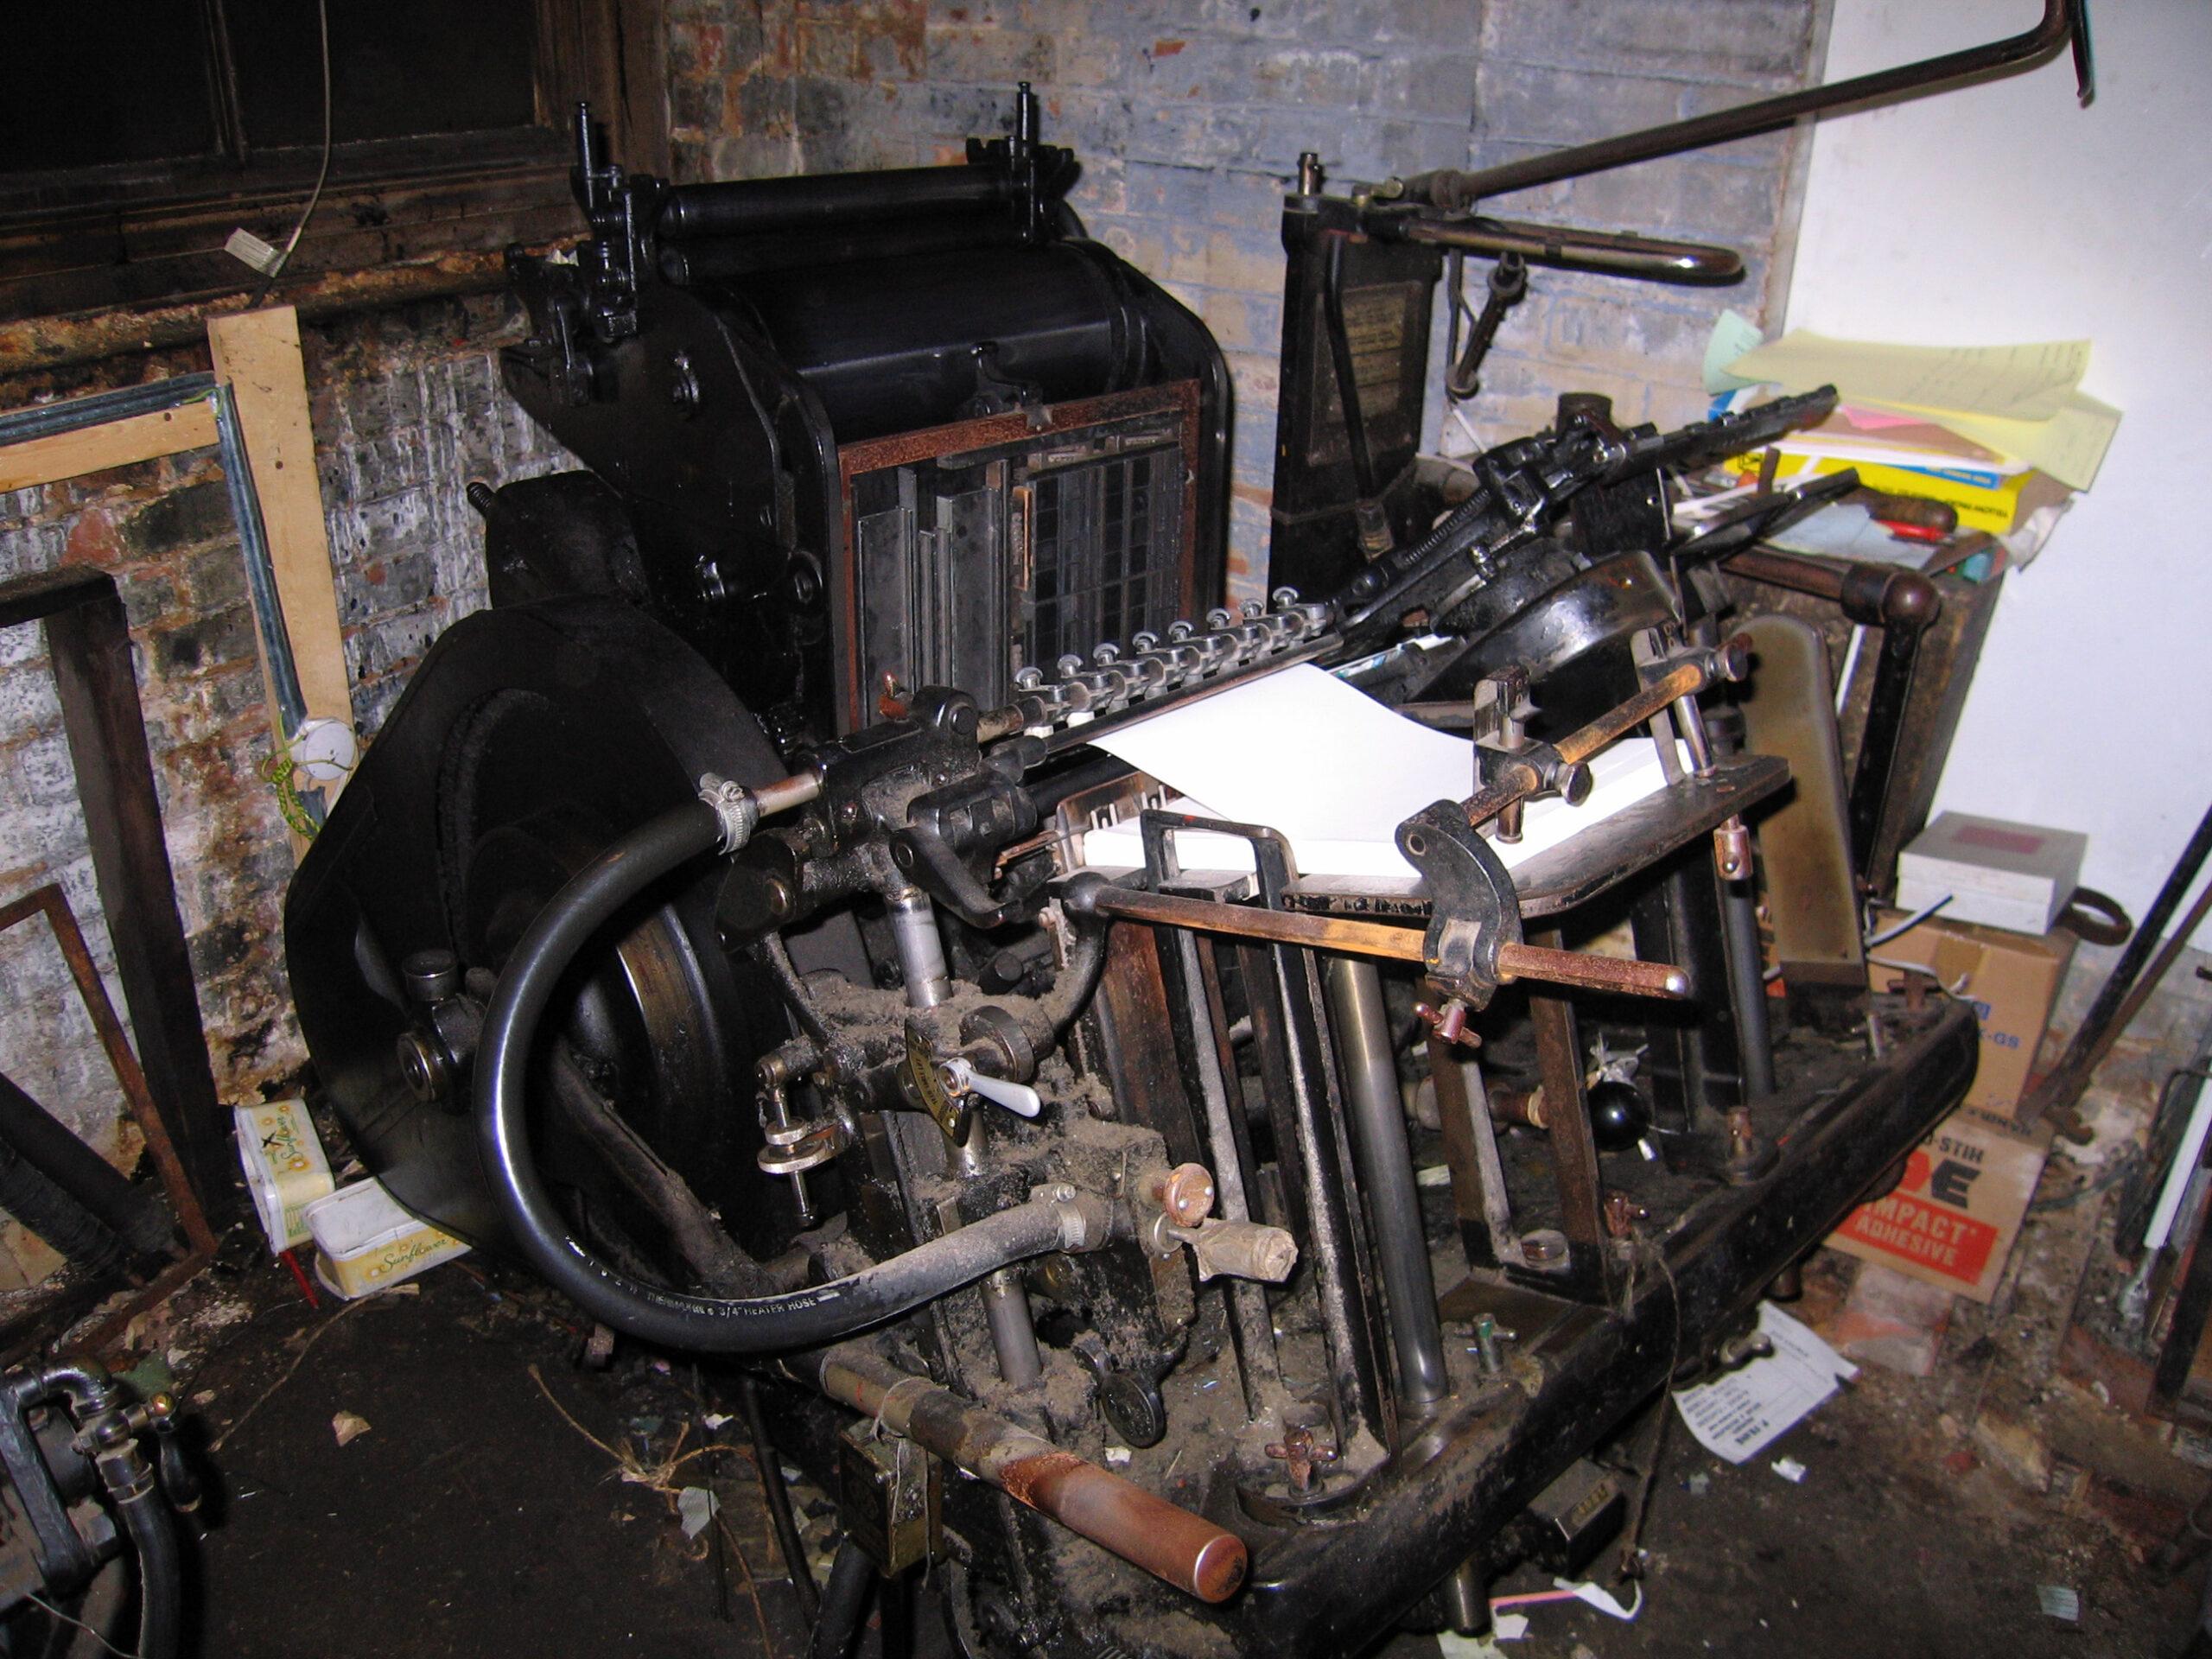 Old printing press in workshop